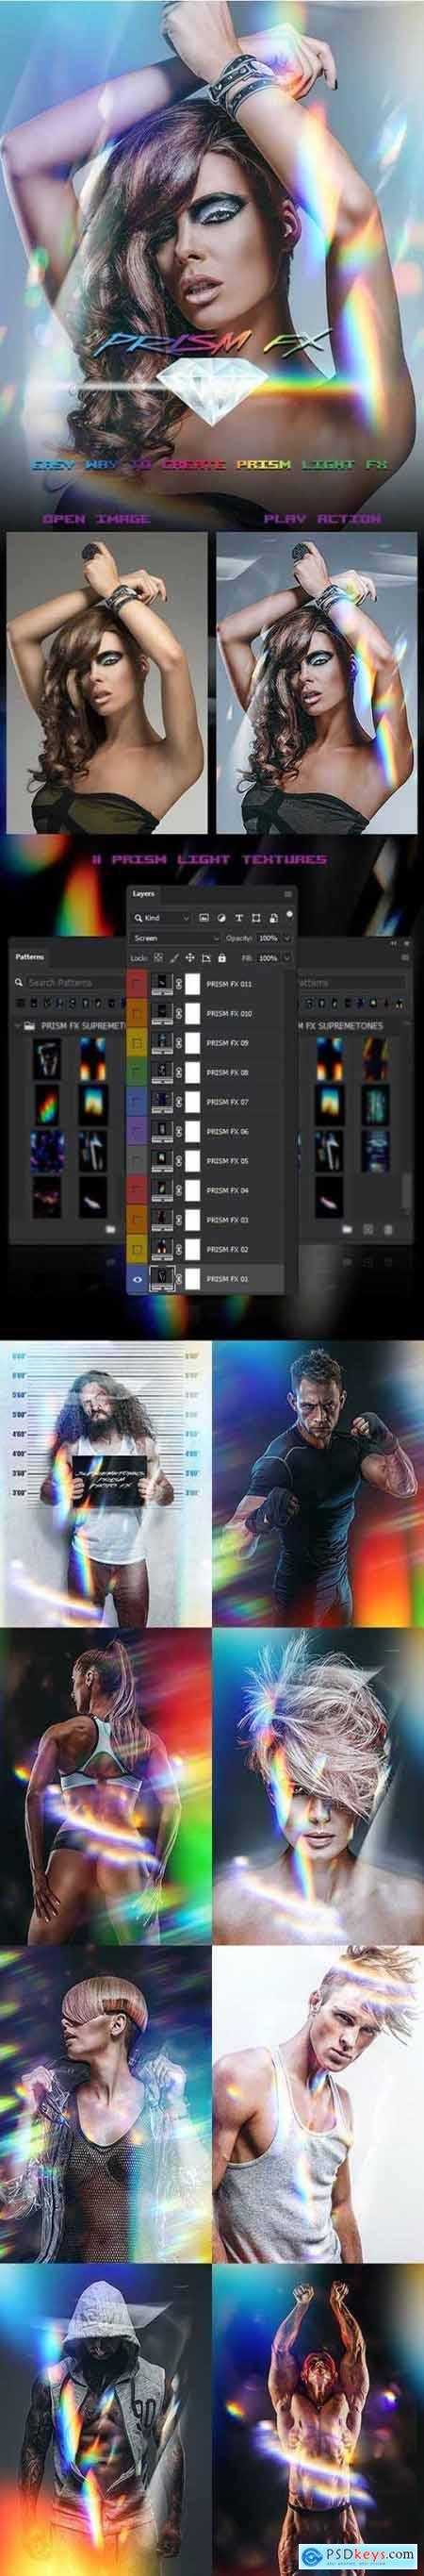 PRISM Light FX Photoshop Action 30273018